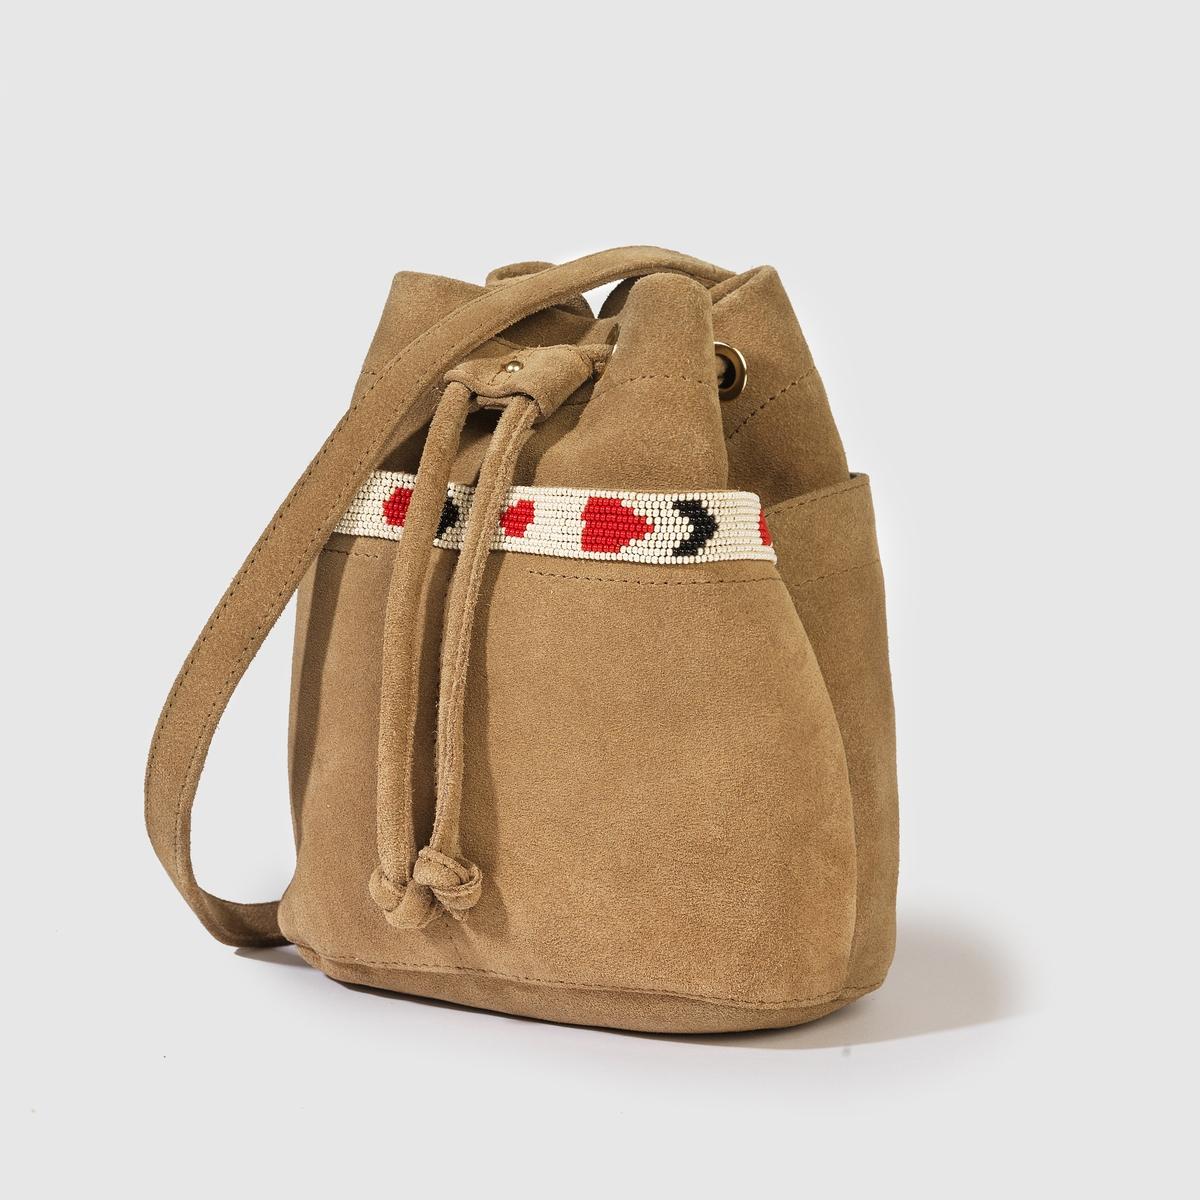 Сумка из кожи, HachiМарка : PETITE MENDIGOTE. Размер: 18 x 21 x 10,5 см Верх : 70% яловичной неотделанной кожи, 30% бисера  Подкладка : 100% хлопокЗастежка : завязки Плечевой ремень : регулируемый ремешок Преимущества : сумка из кожи с тесьмой, расшитой бисером, в аутентичном и не выходящем из моды стиле нео-ретро.<br><br>Цвет: бежевый